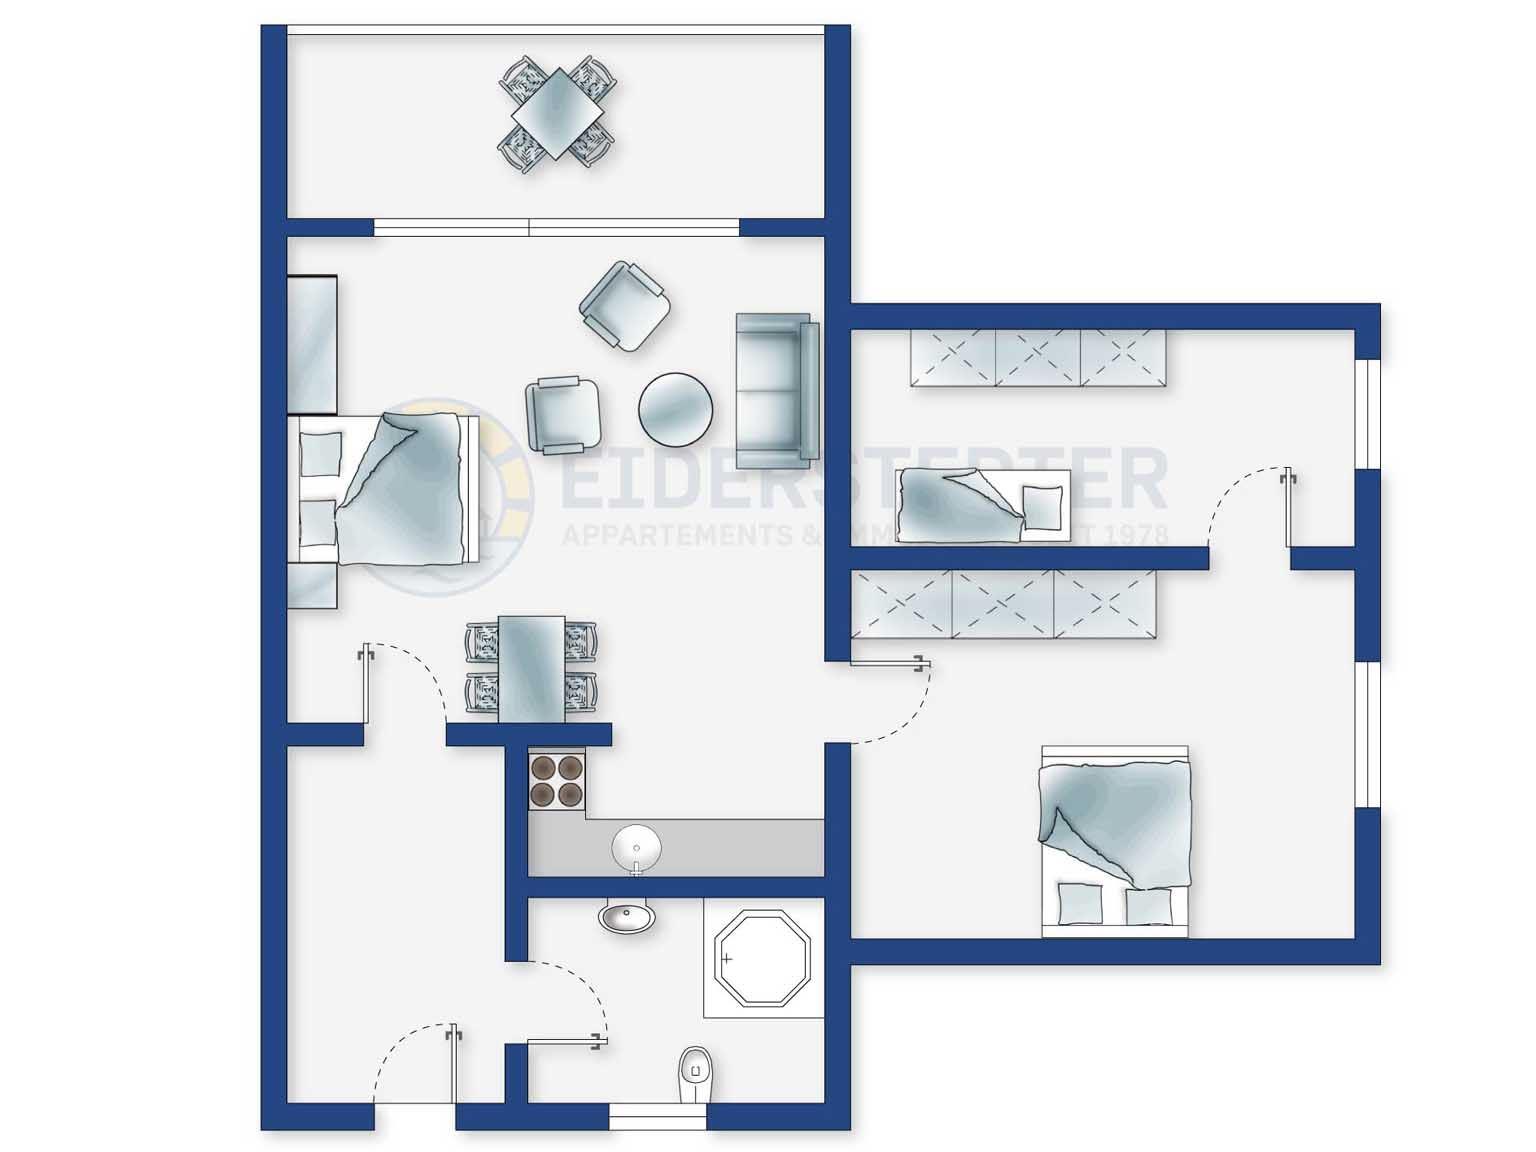 Grundriss - 3-Zimmer Ferienwohnung Dreilanden, Im Bad 6, St. Peter-Bad